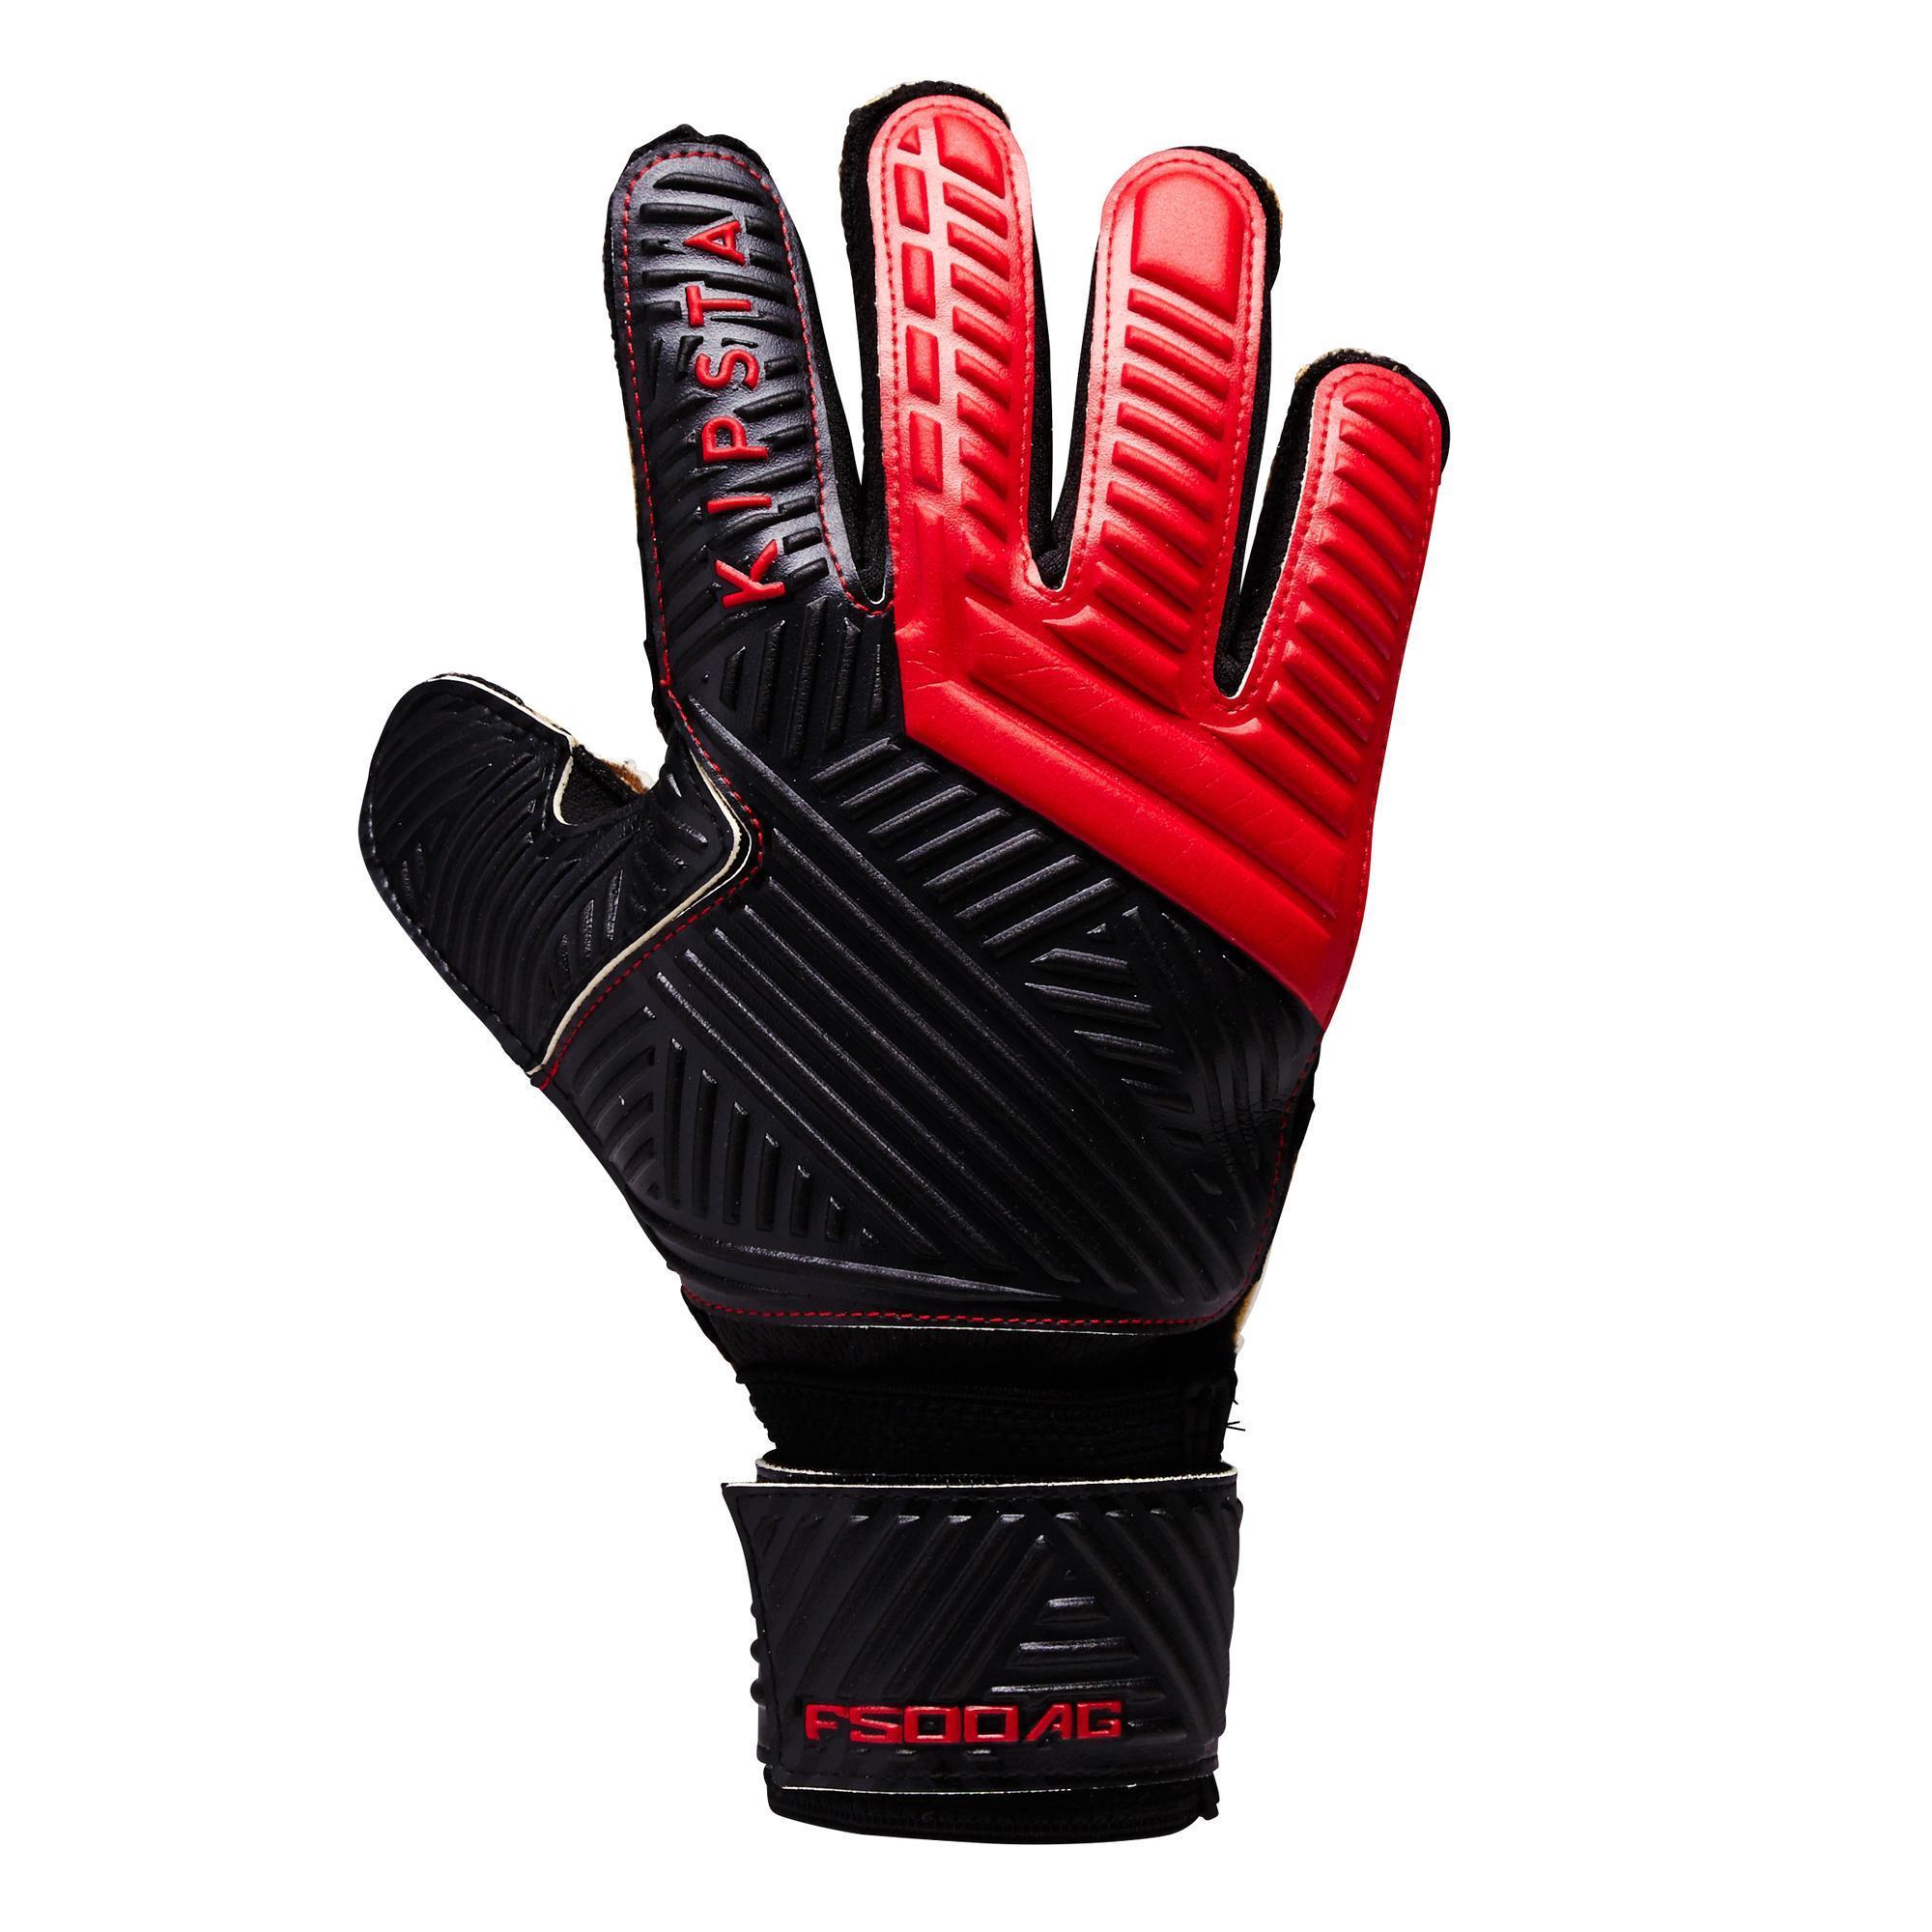 Kipsta Keepershandschoenen voor kinderen F500 kunstmatig terrein rood zwart